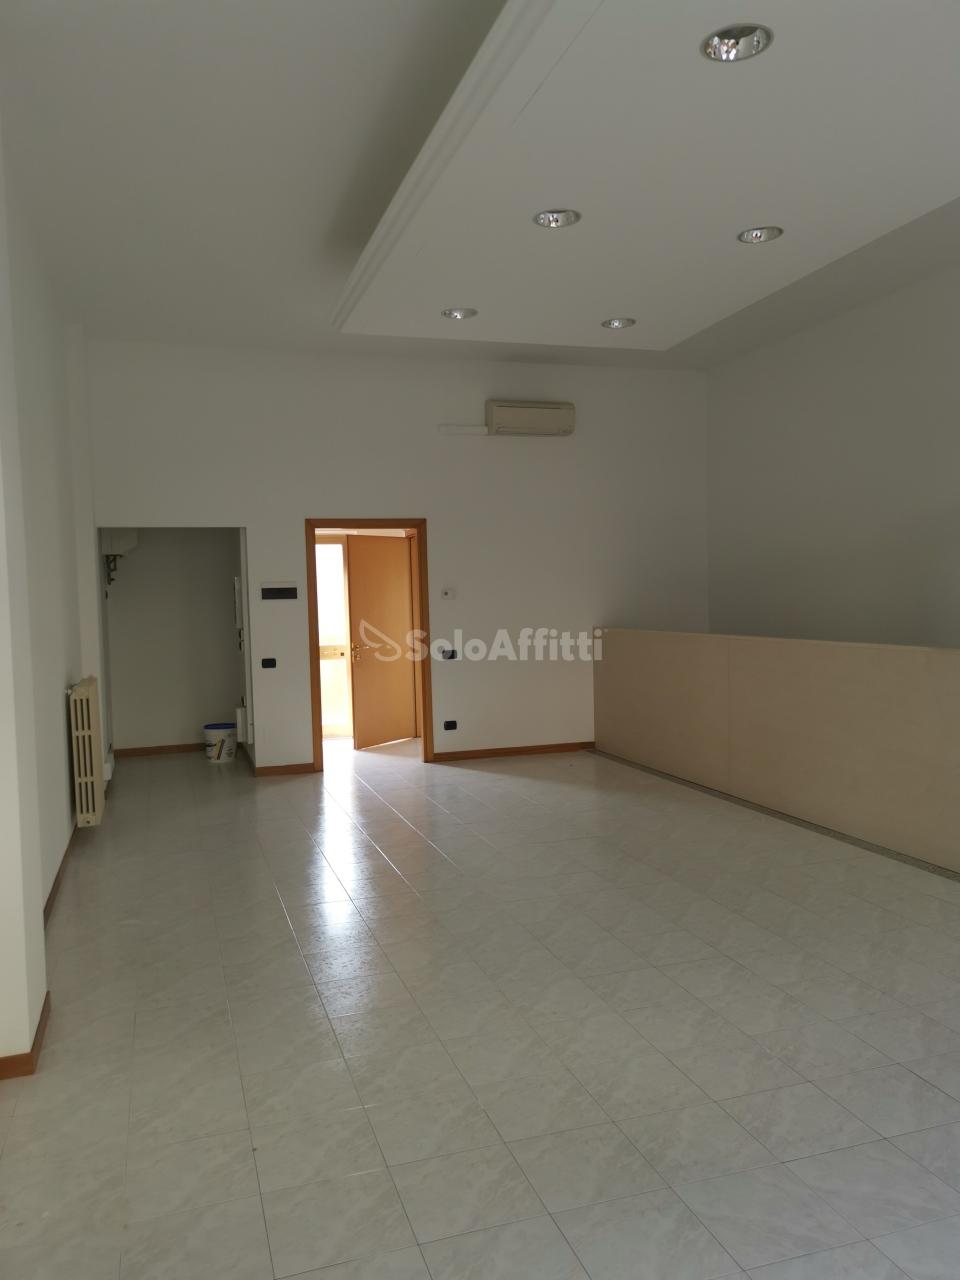 Fondo/negozio - 2 vetrine/luci a Solaro Rif. 10436589